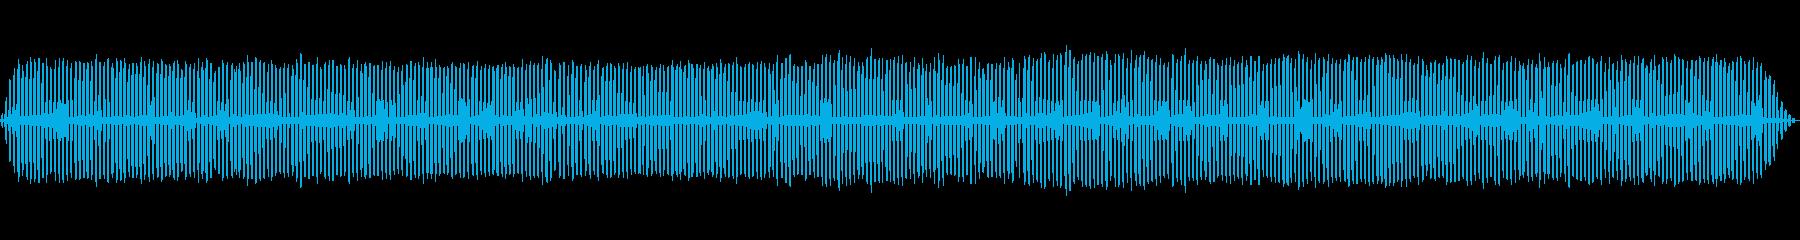 夏夜のコオロギの鳴き声と水の音の再生済みの波形